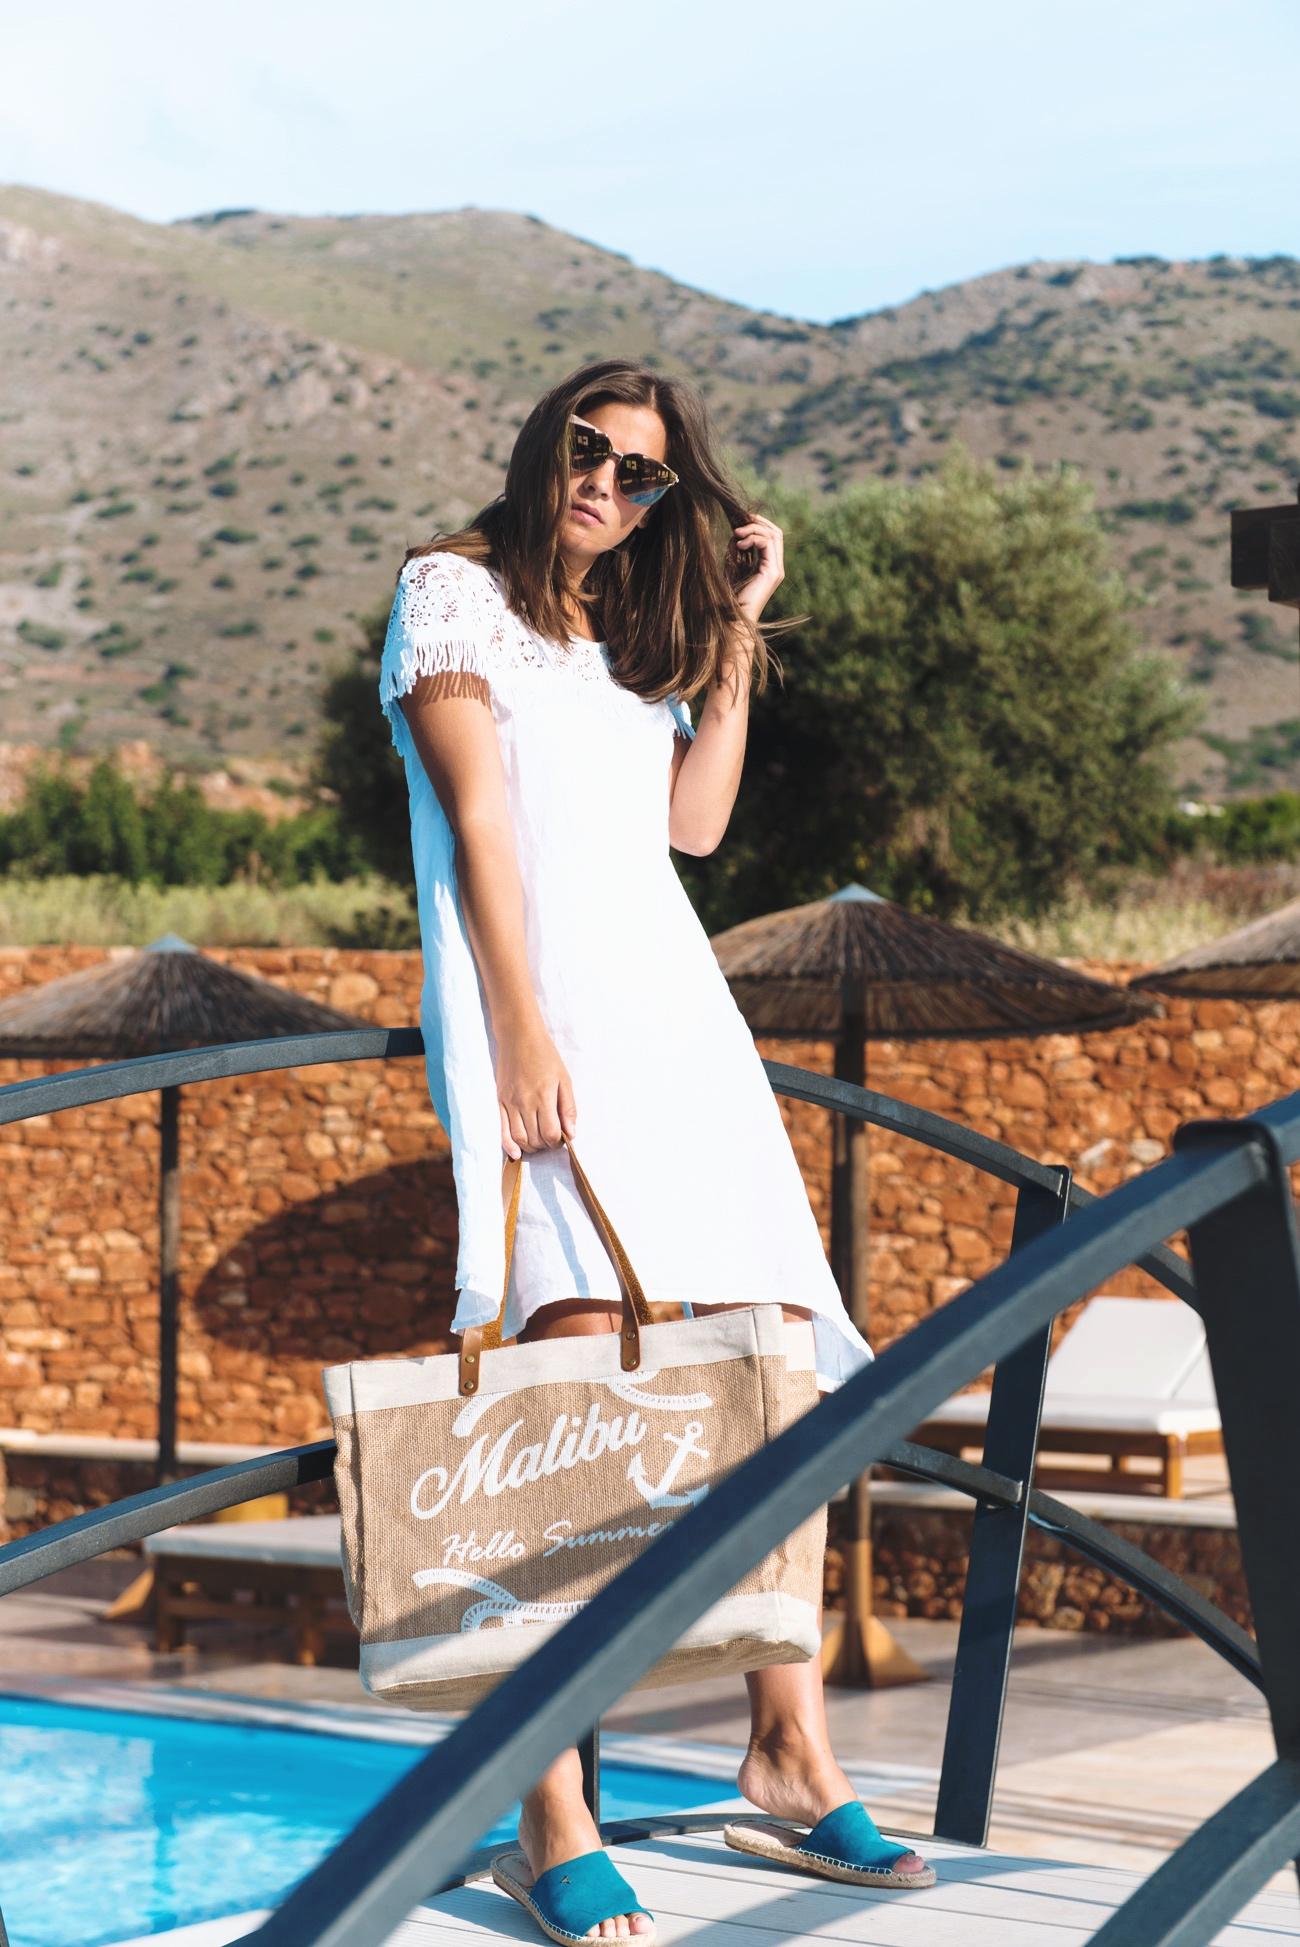 weißes-sommerkleid-aus-leinen-sommermode-2017-verspiegelte-sonnenbrille-trend-fashiioncarpet